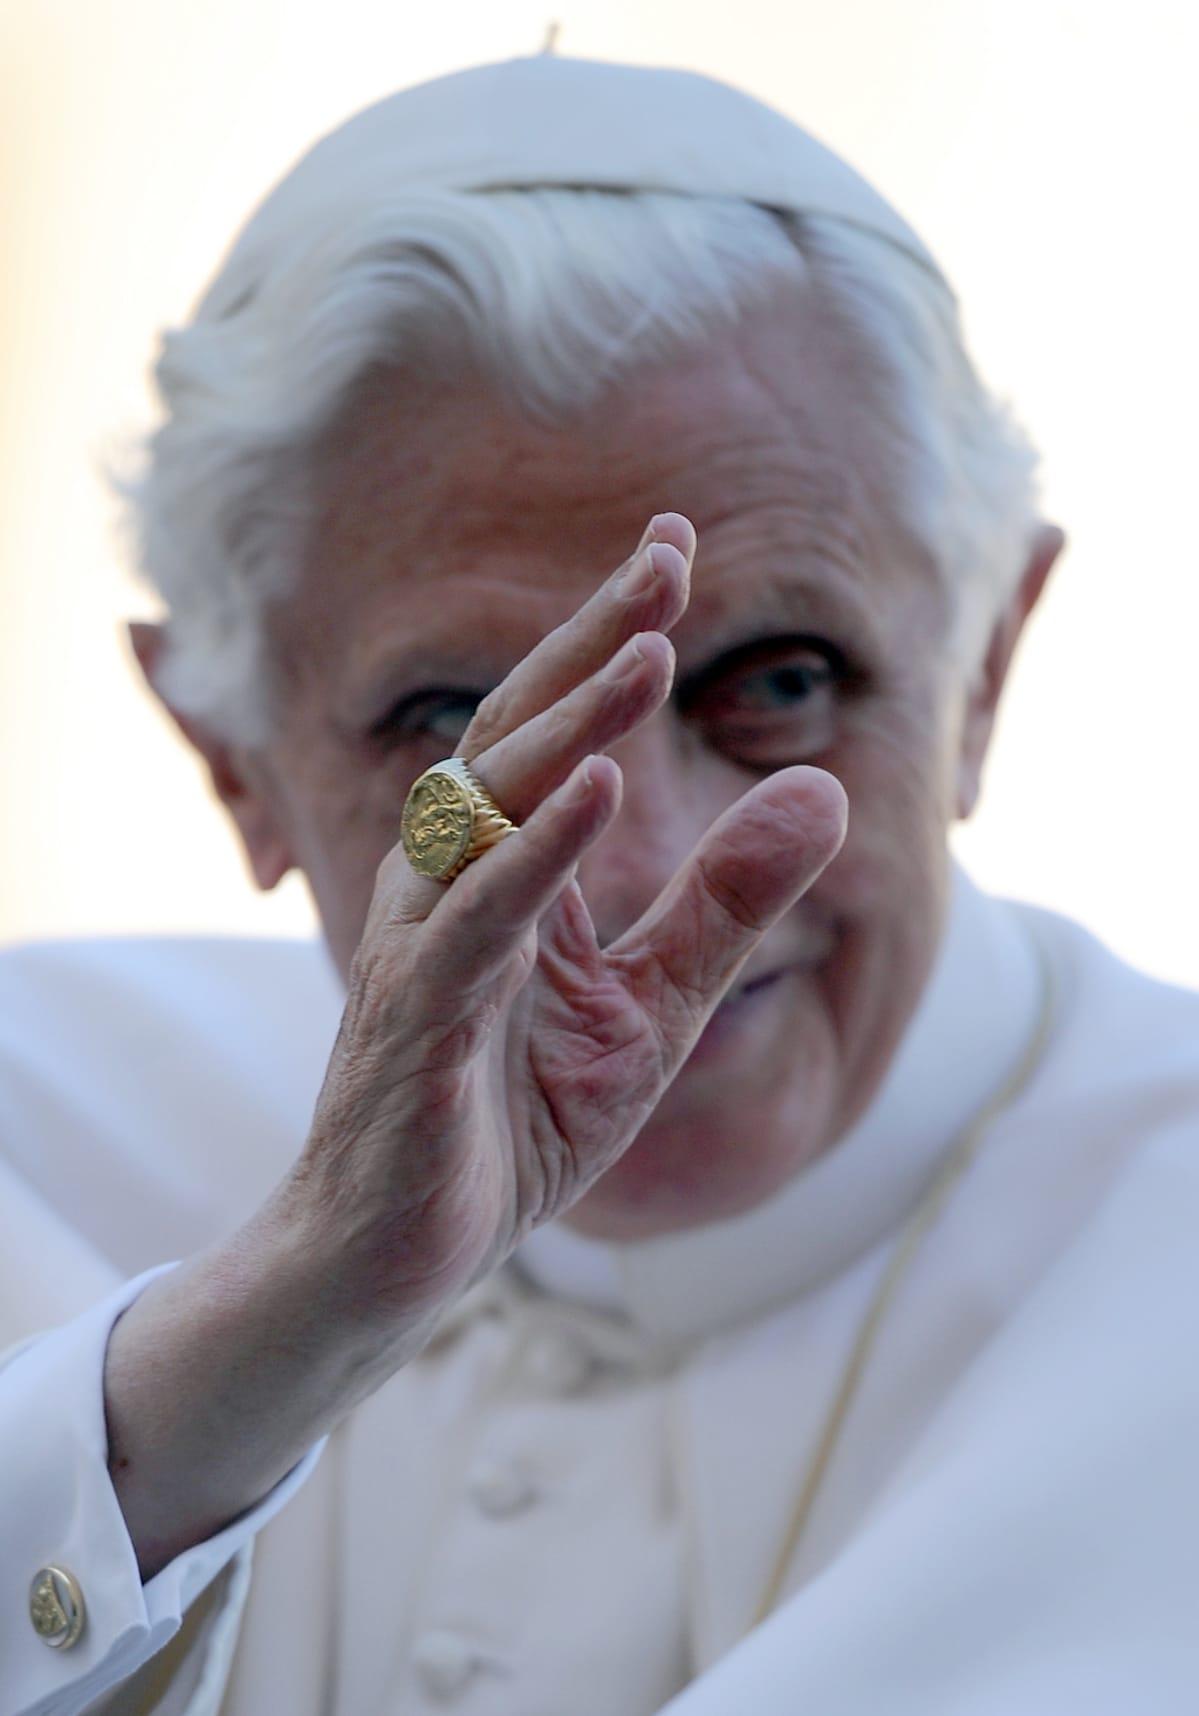 Paavi sormus sormessaan